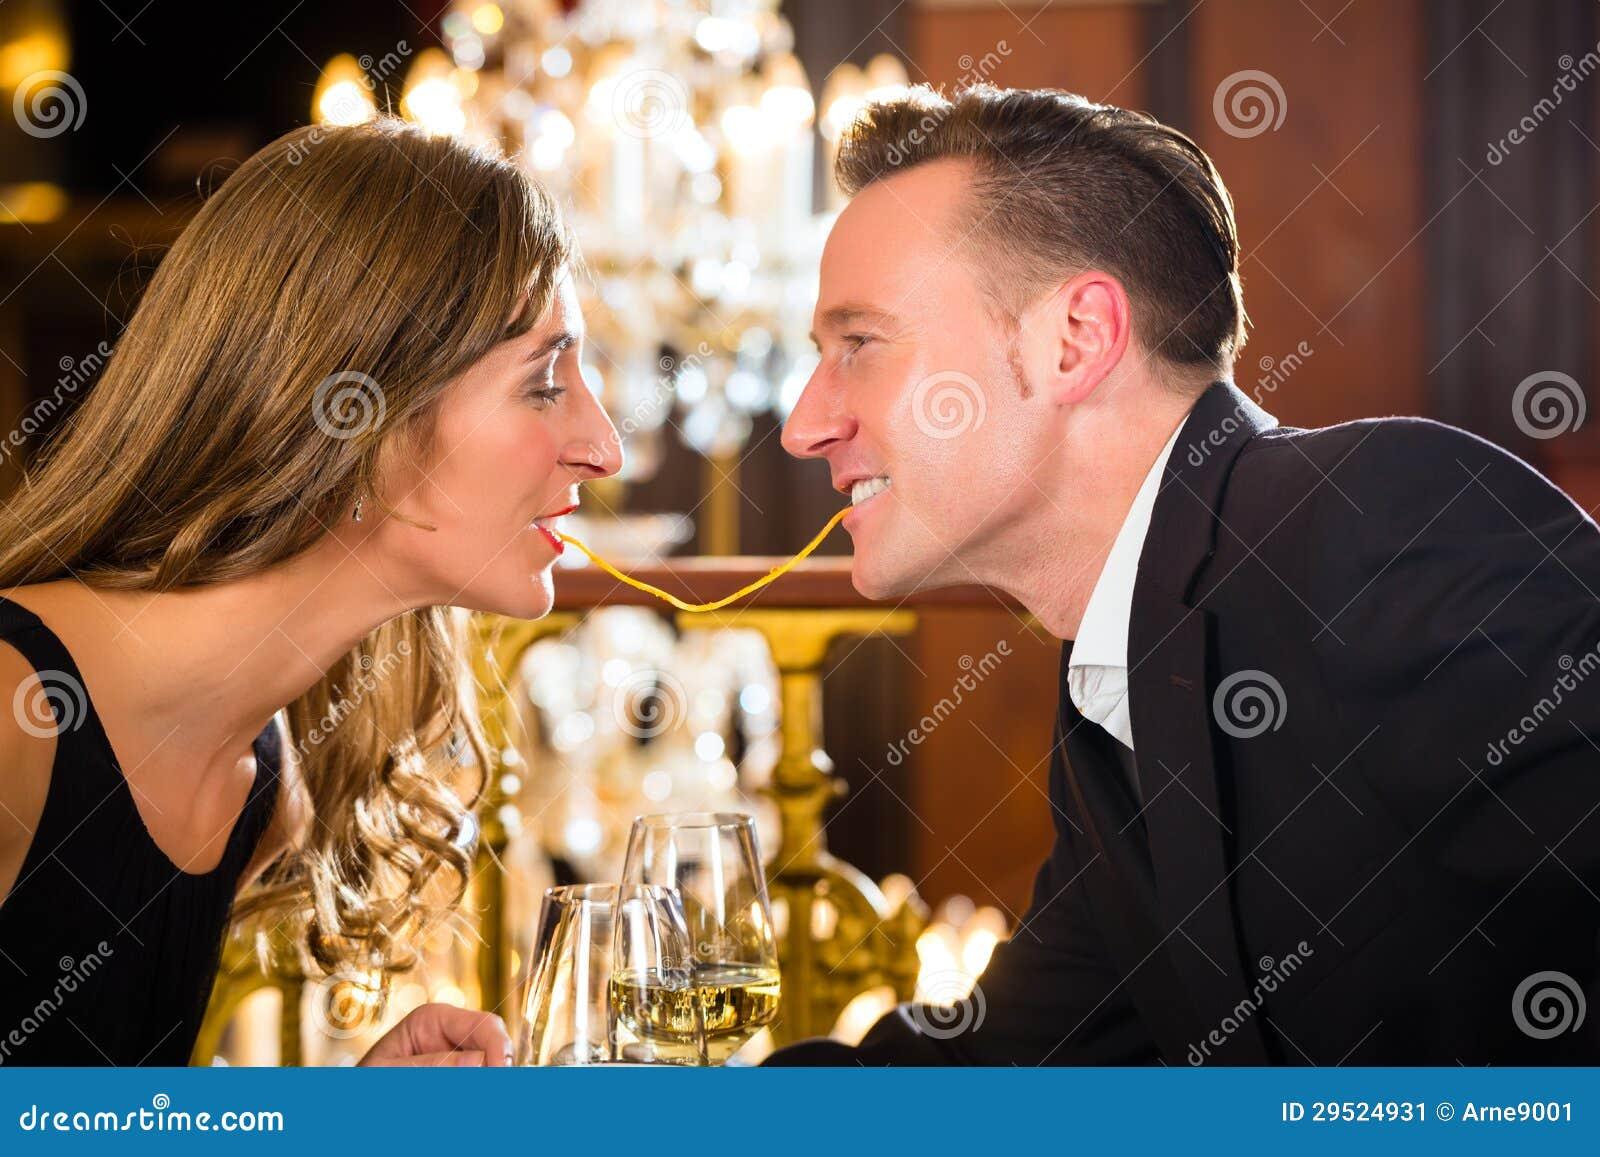 Dating romance